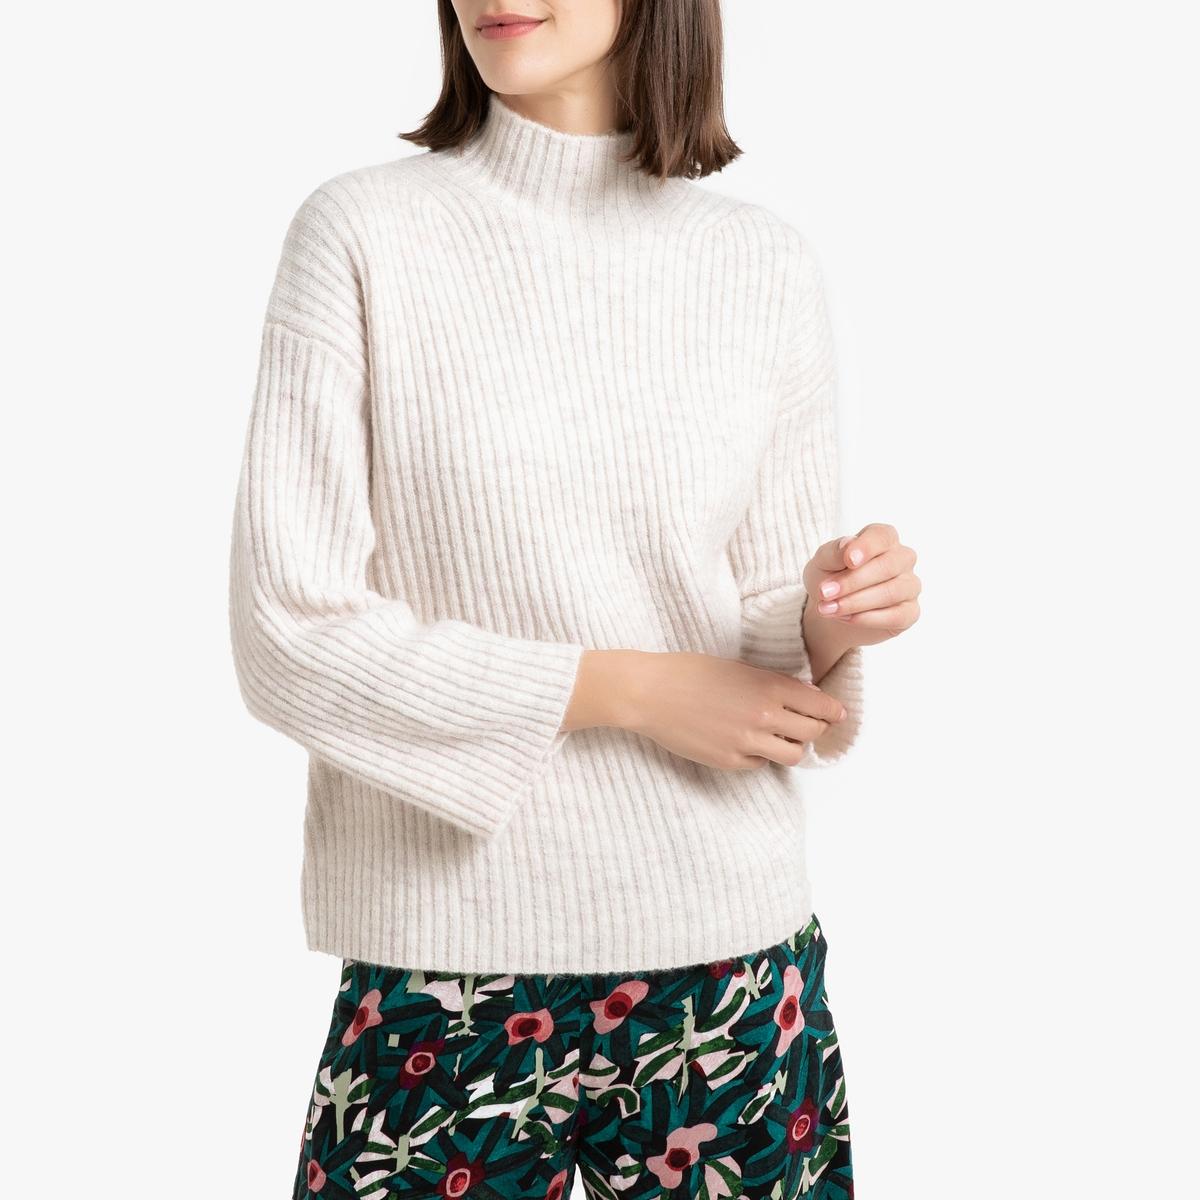 Пуловер La Redoute С круглым вырезом из плотного трикотажа PYRA 3(L) белый пуловер la redoute с круглым вырезом из плотного трикотажа 3xl бежевый